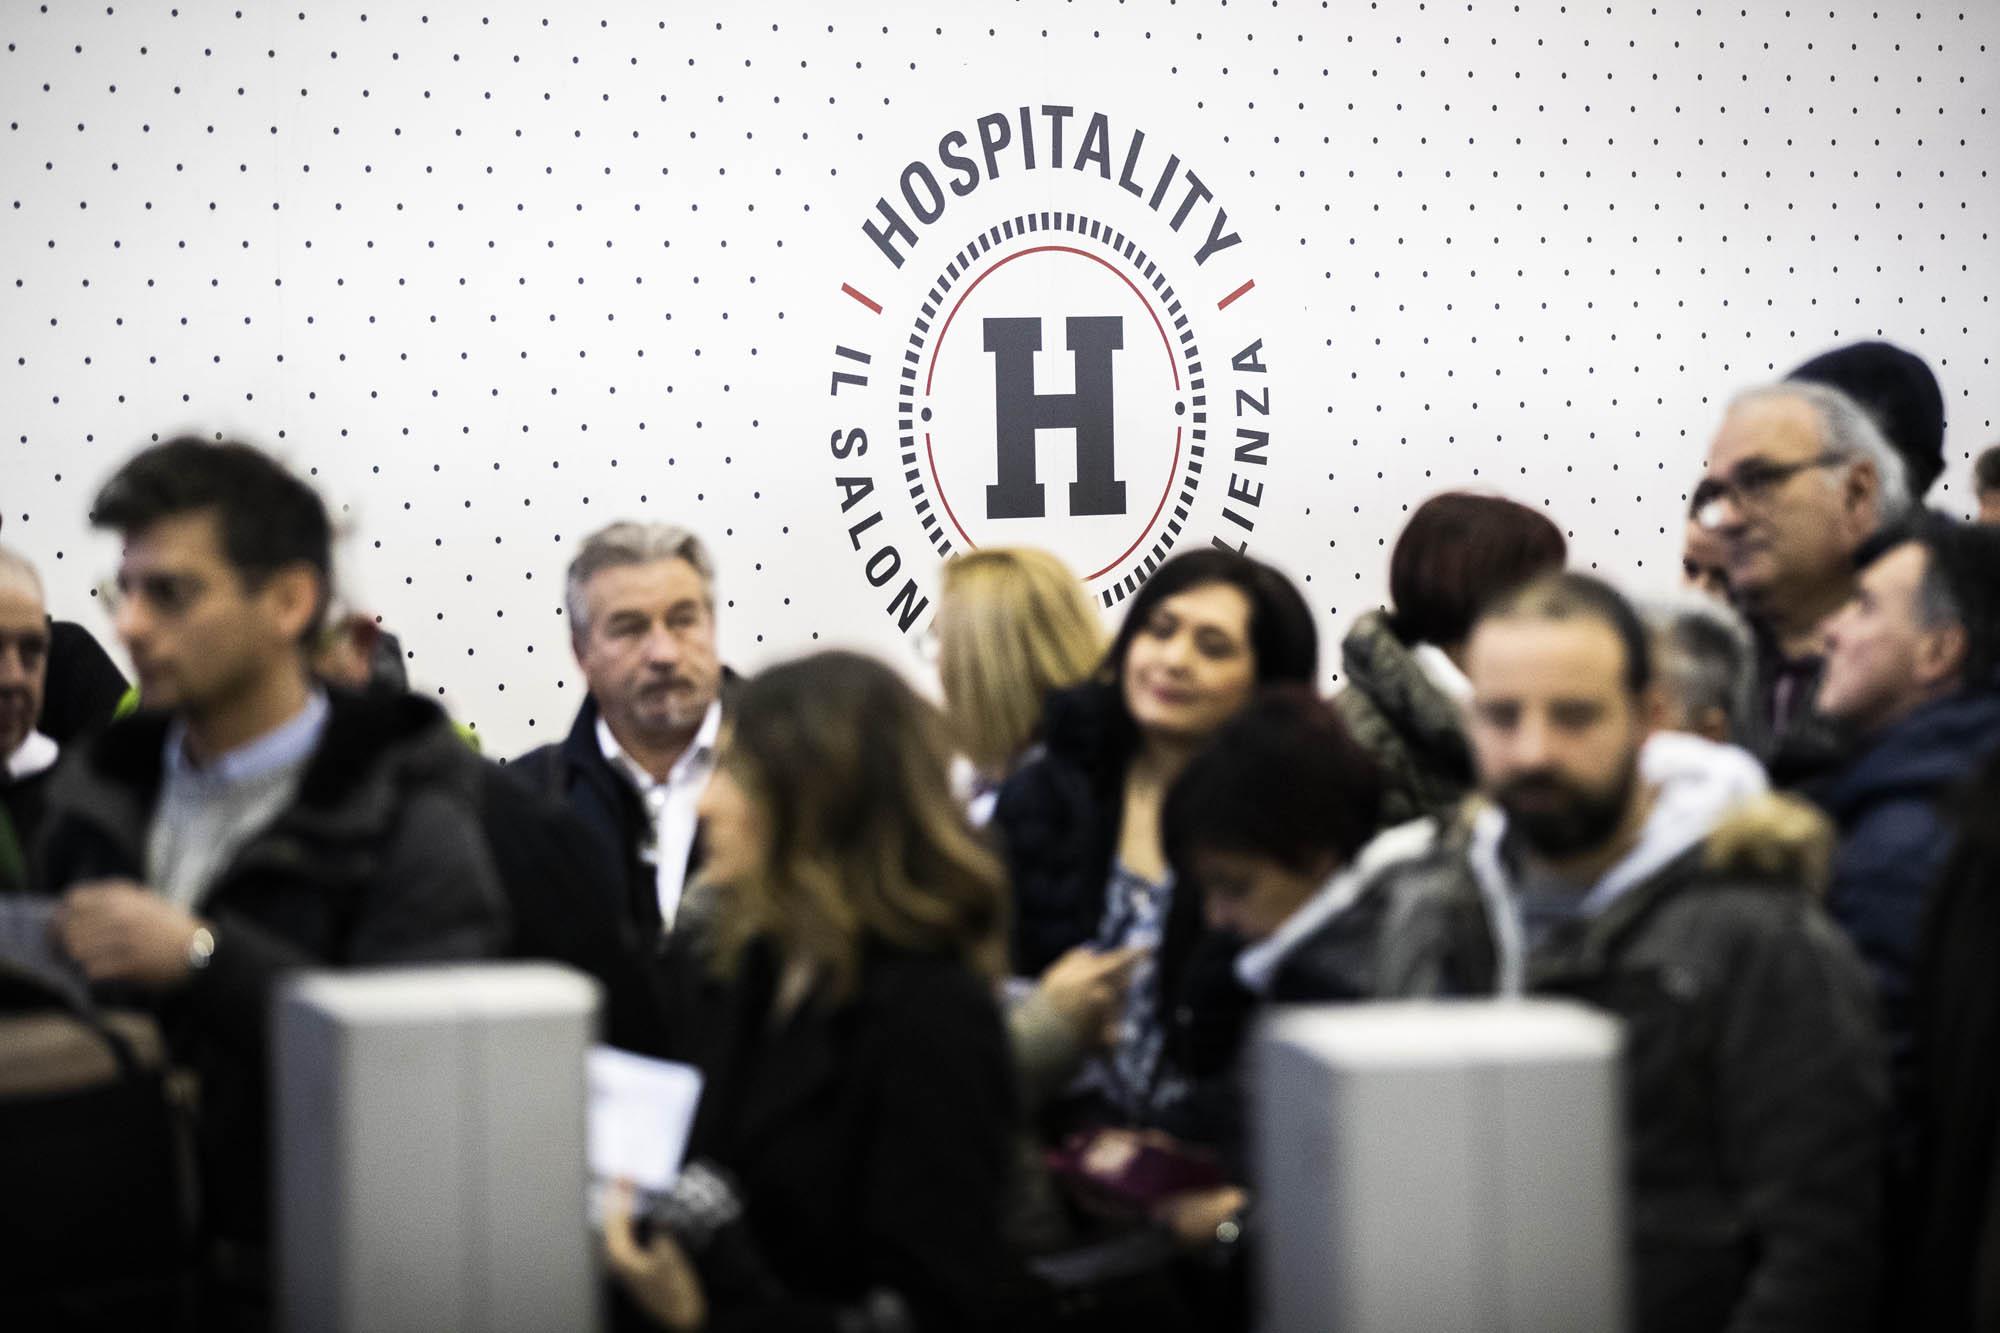 Cantina Aldeno Presente Alla 44esima Edizione Di Hospitality – Il Salone Dell'accoglienza